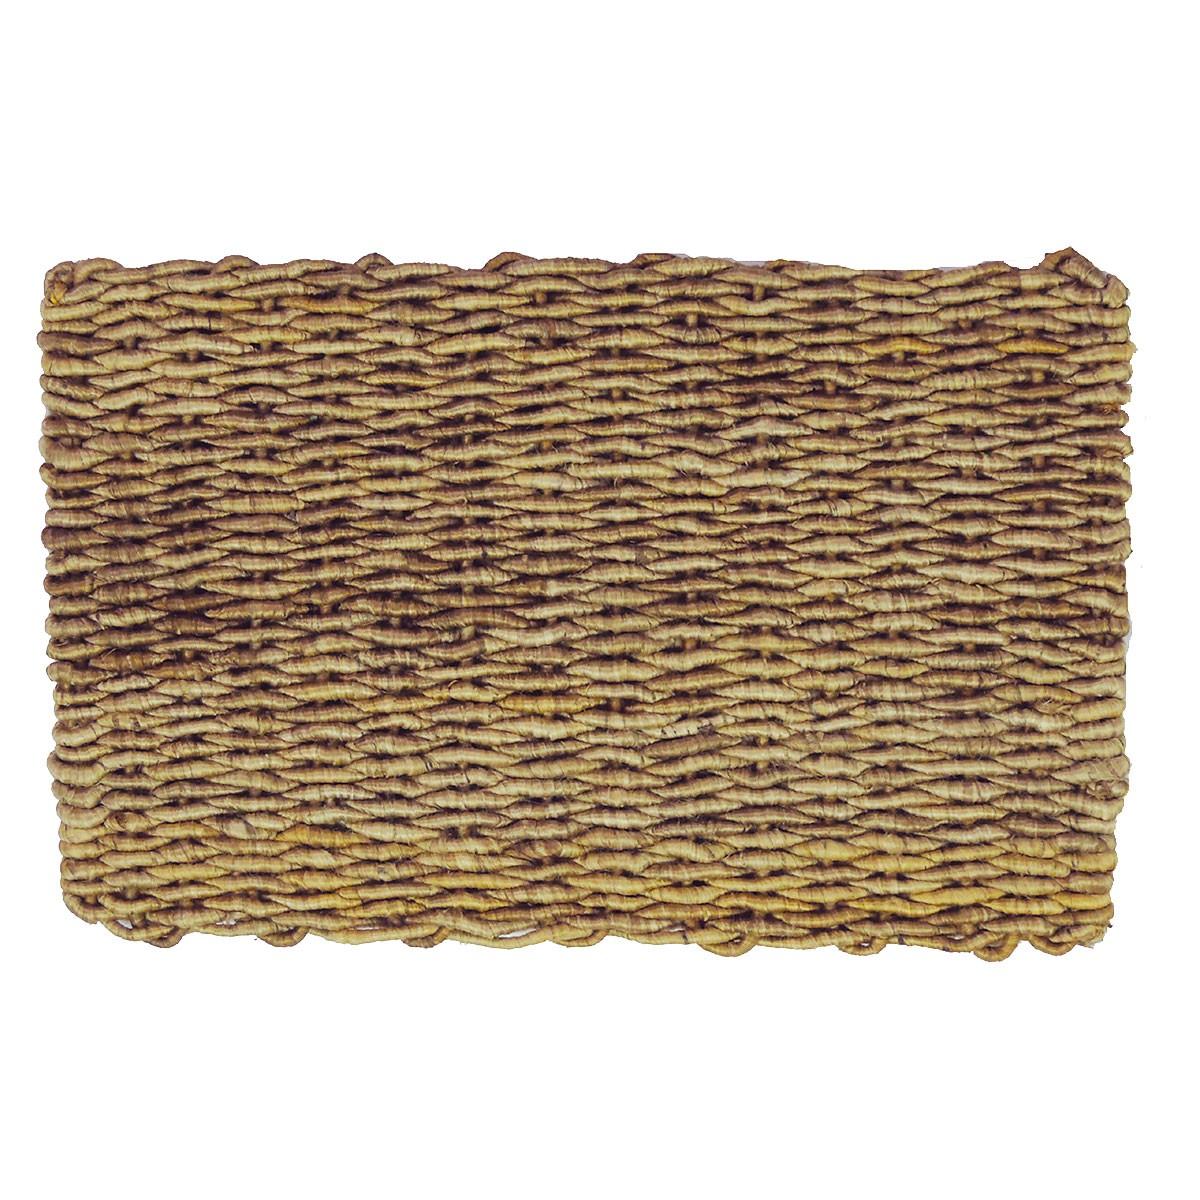 Corridor Coiled Yarn Jute Doormat, 80x50cm